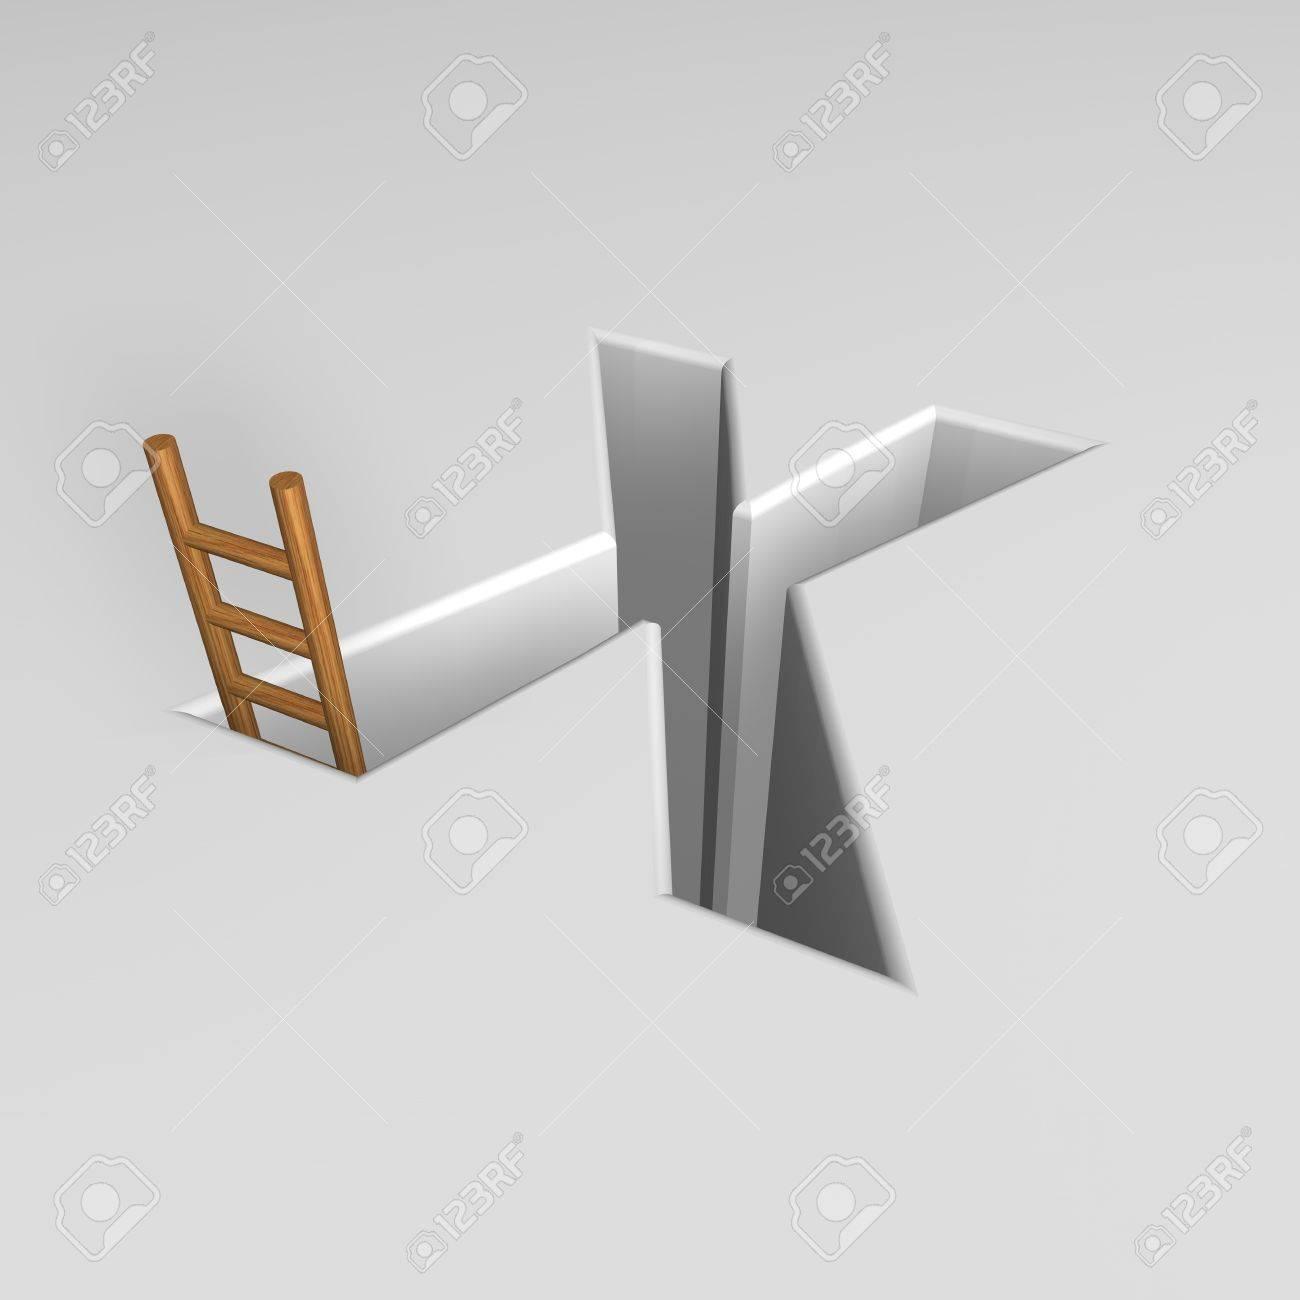 letra mayúscula agujero con forma x escalera 3d ilustración fotos